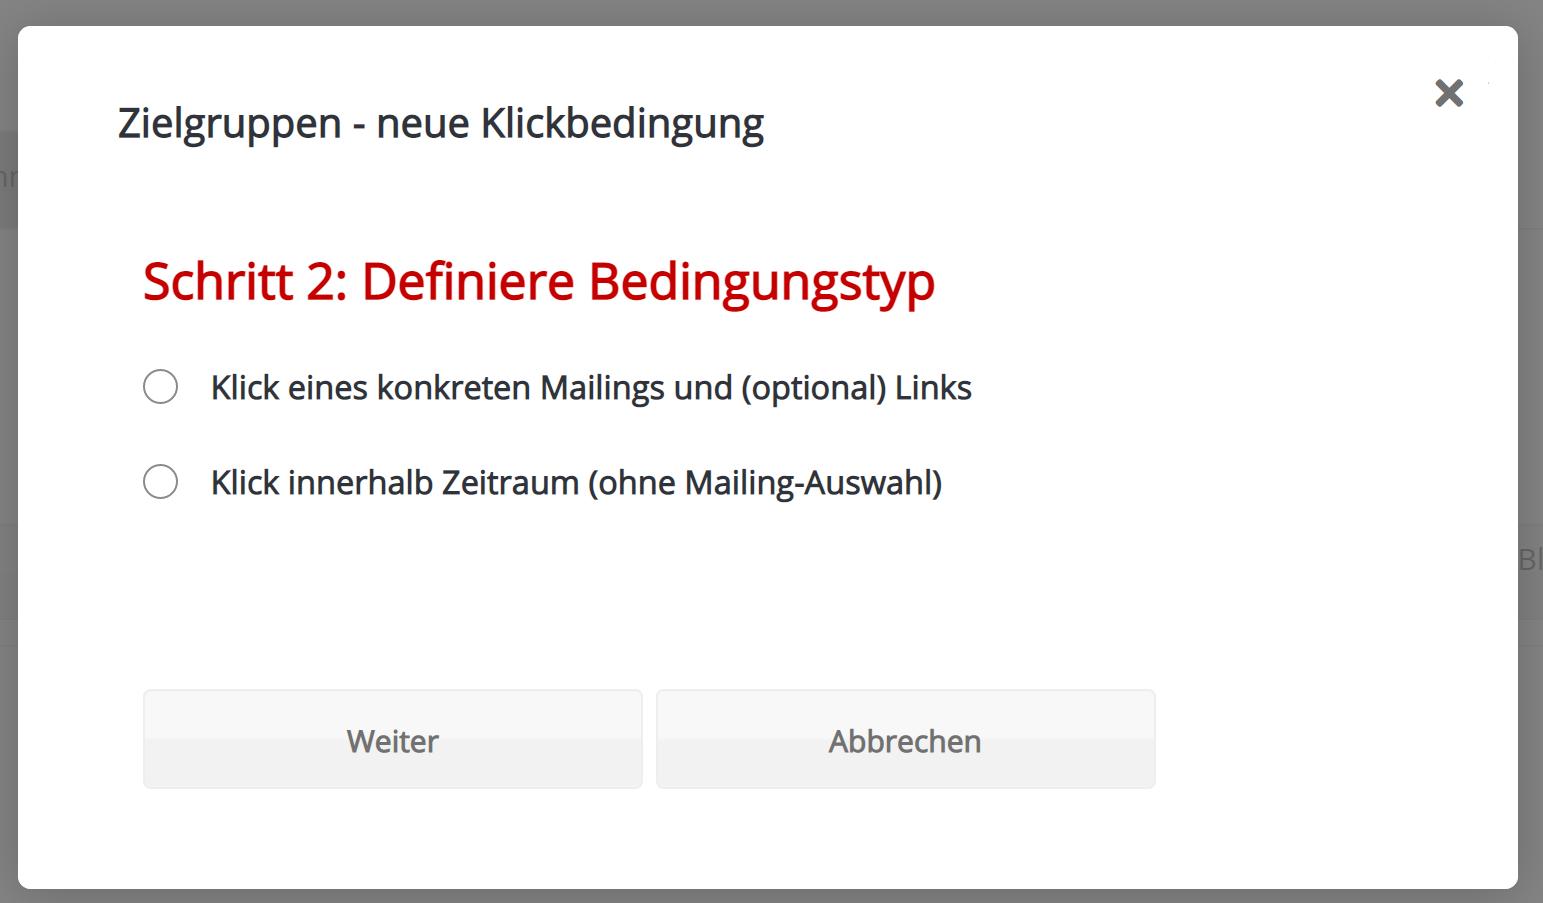 1415 Bedingung - Relativ wichtig: Der iOS15-Launch